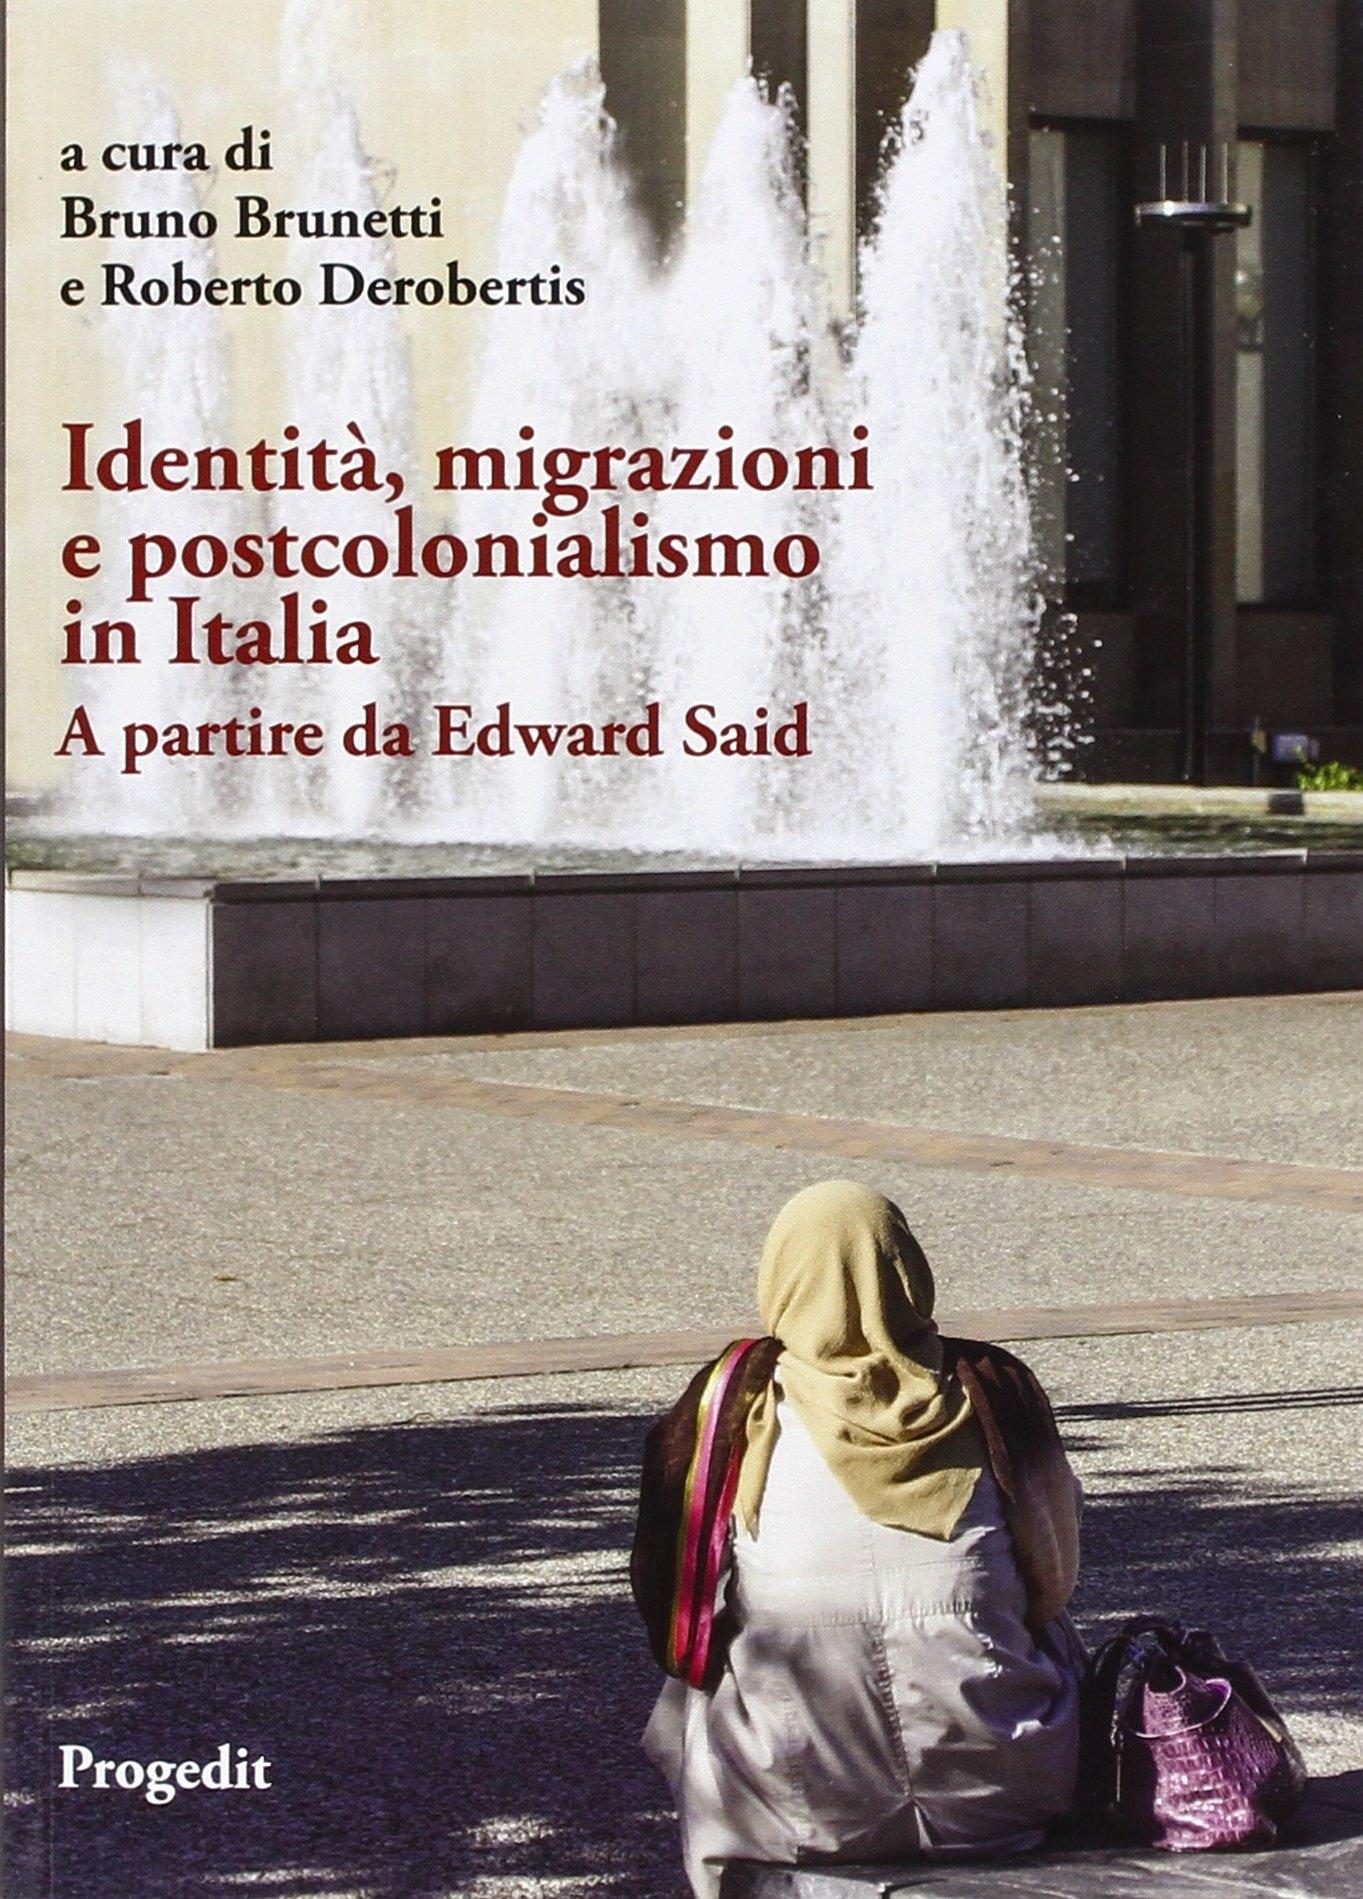 Identità, migrazioni e postcolonialismo in Italia. A partire da Edward Said.